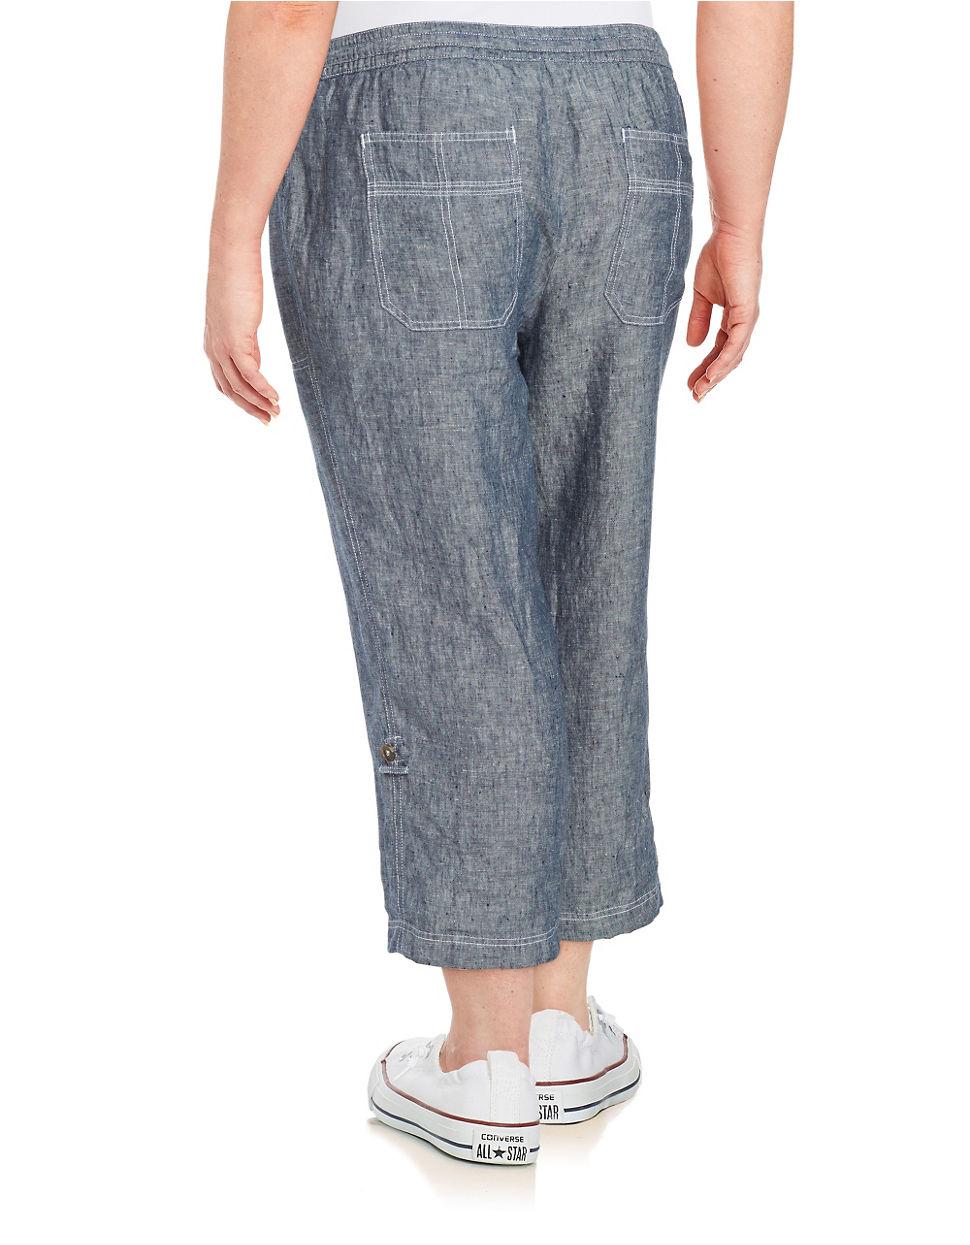 Linen Capris Pants | Gpant